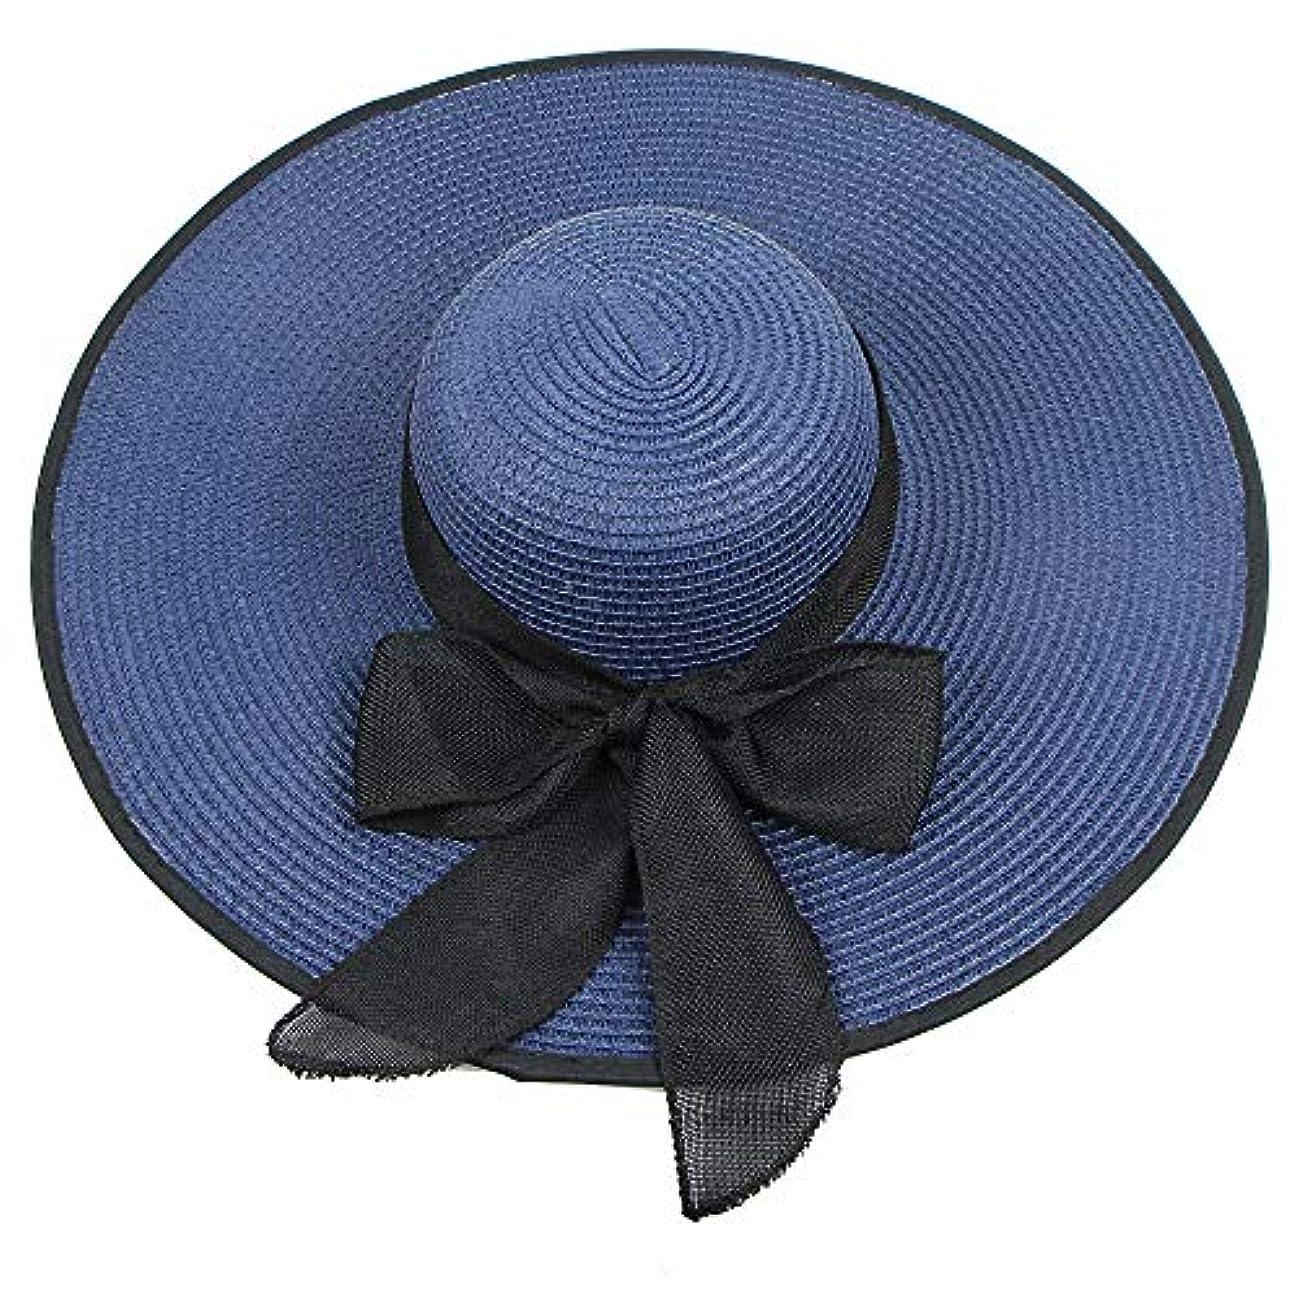 顕微鏡申し立て前件UVカット 帽子 ハット レディース つば広 折りたたみ 持ち運び つば広 調節テープ 吸汗通気 紫外線対策 おしゃれ 可愛い ハット 旅行用 日よけ 夏季 女優帽 小顔効果抜群 花粉対策 小顔 UV対策 ROSE ROMAN